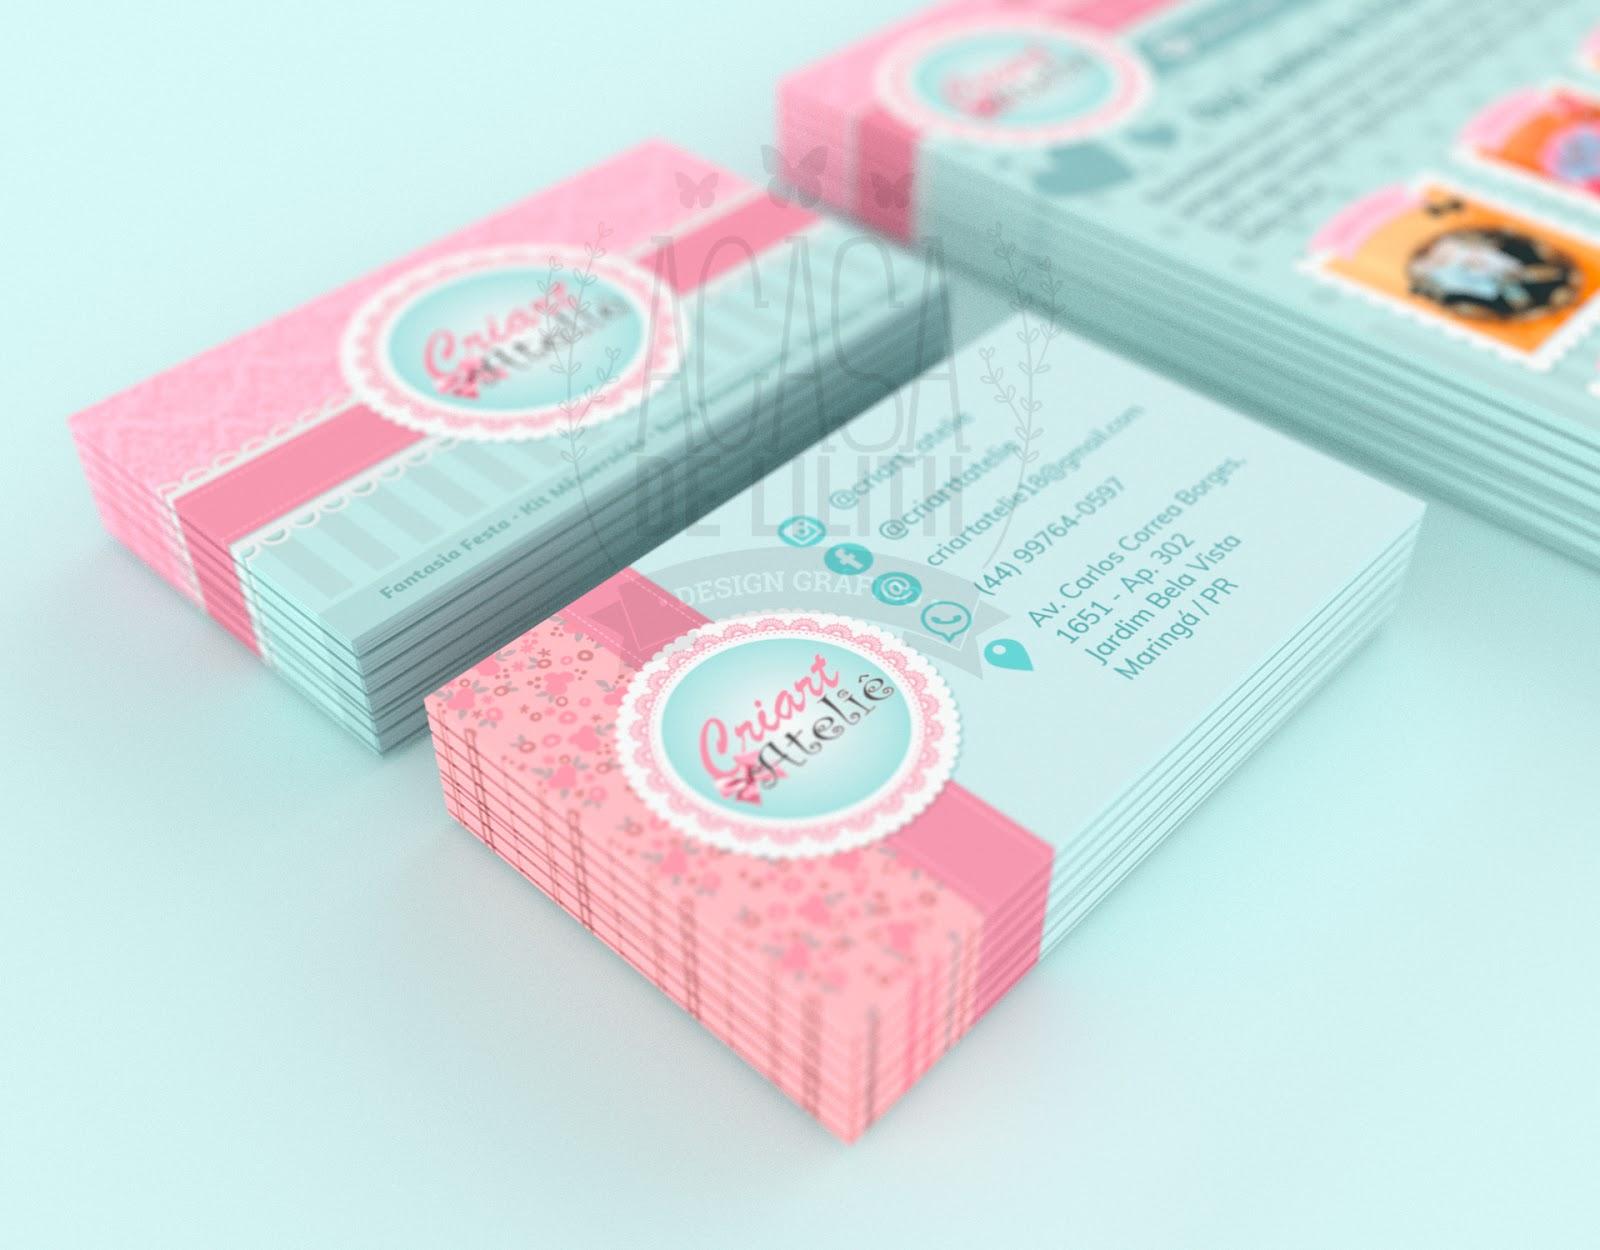 Papelaria Personalizada - Cartão de Visita e Flyer/Panfleto - para Ateliê / Loja Infantil Criart Ateliê - Rosa Bebê e Azul Tiffany